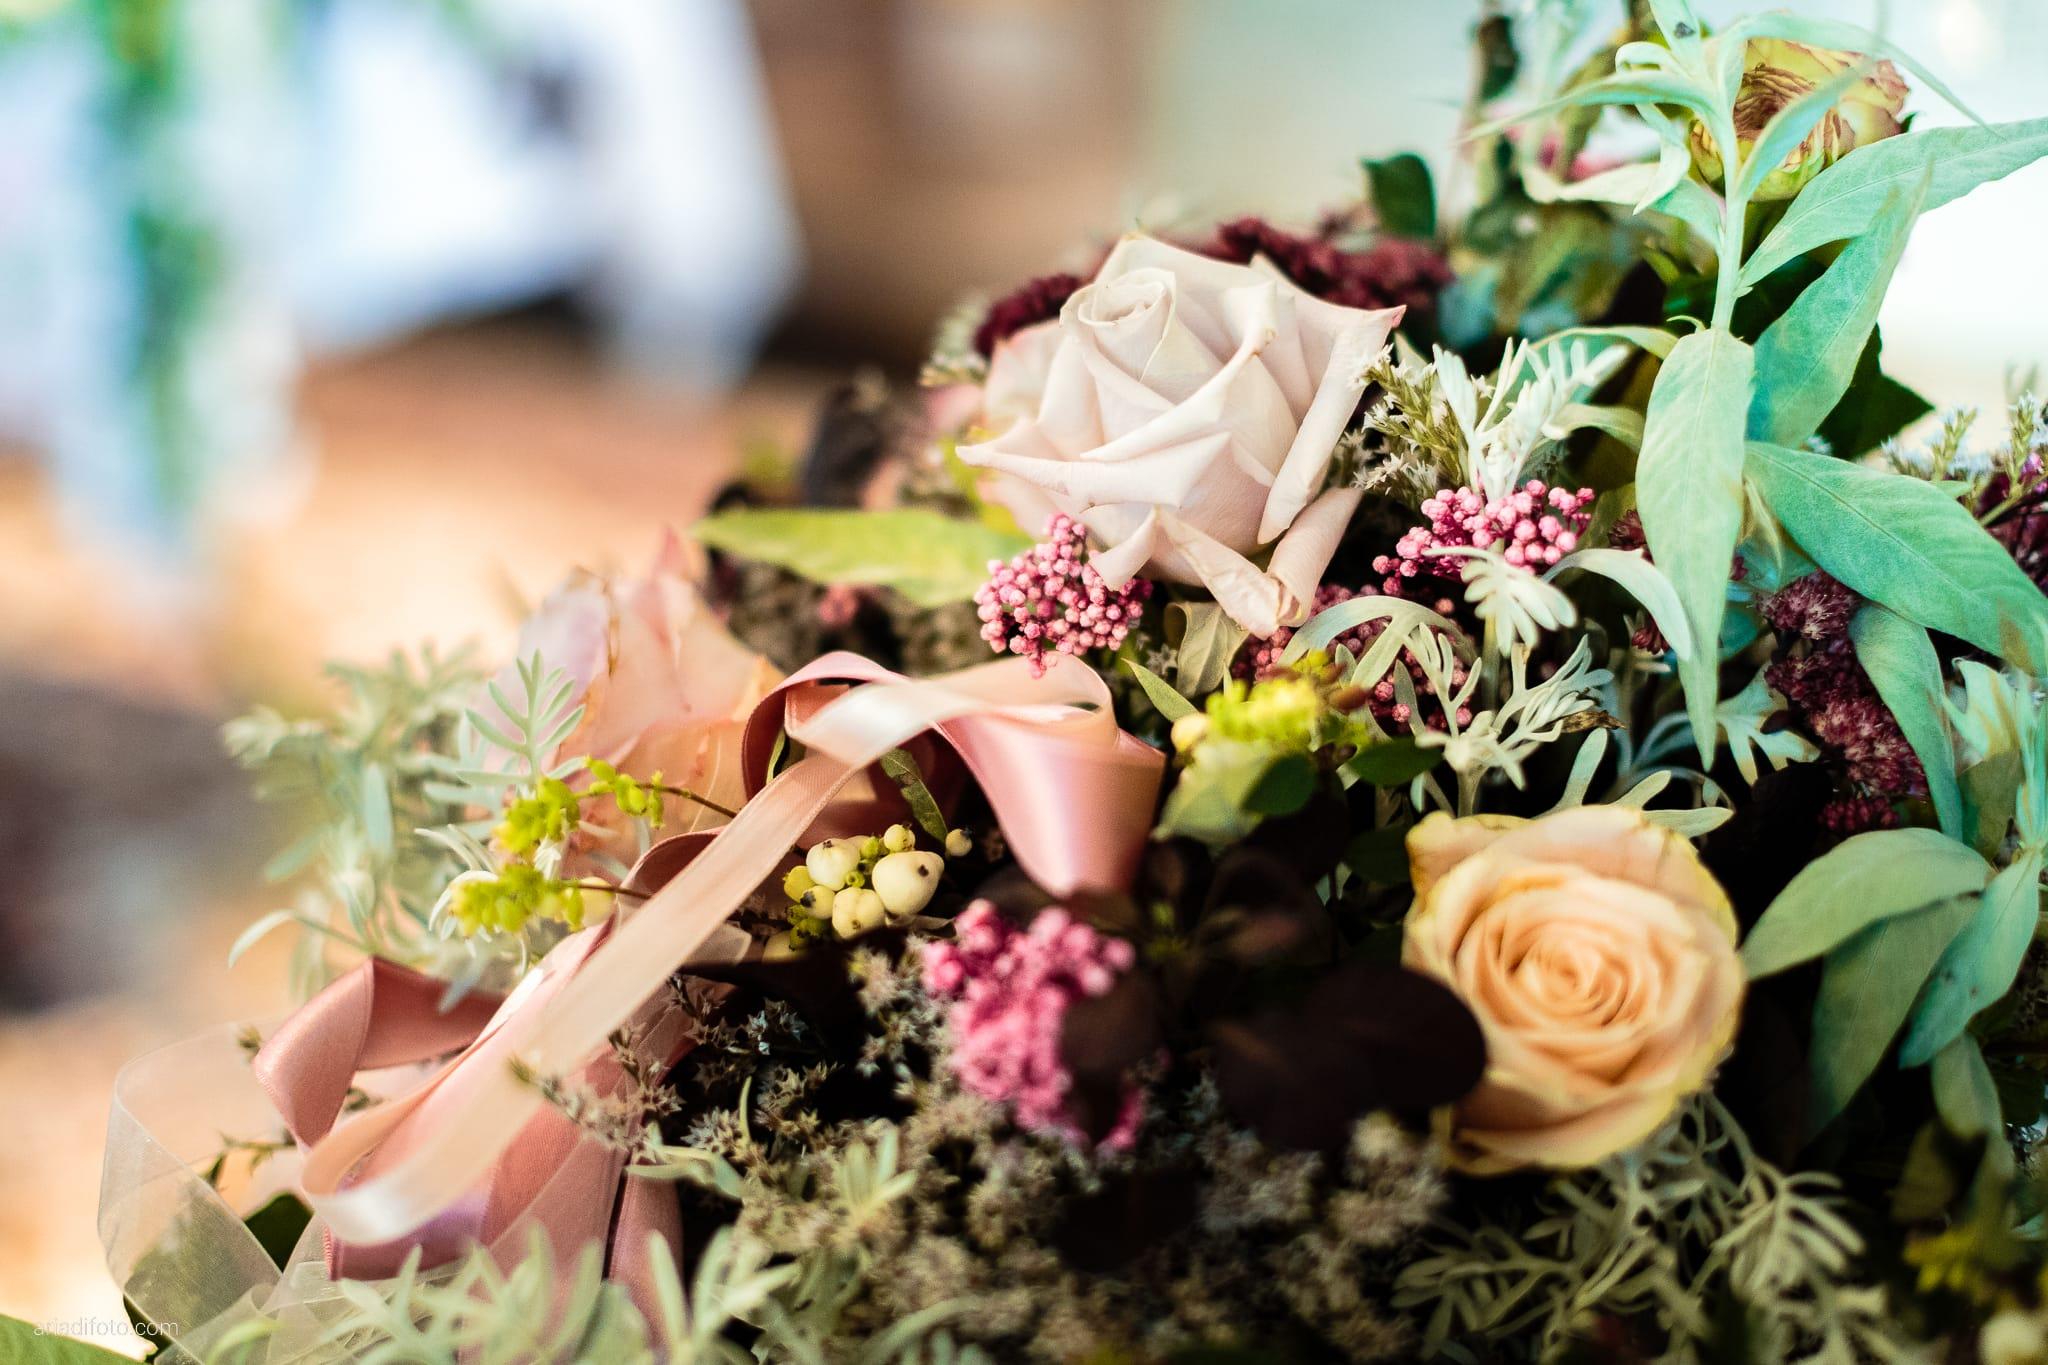 Melania Davide Matrimonio Santuario di Monrupino Tavernetta Castello di Spessa Capriva Gorizia cerimonia dettagli fiori rose